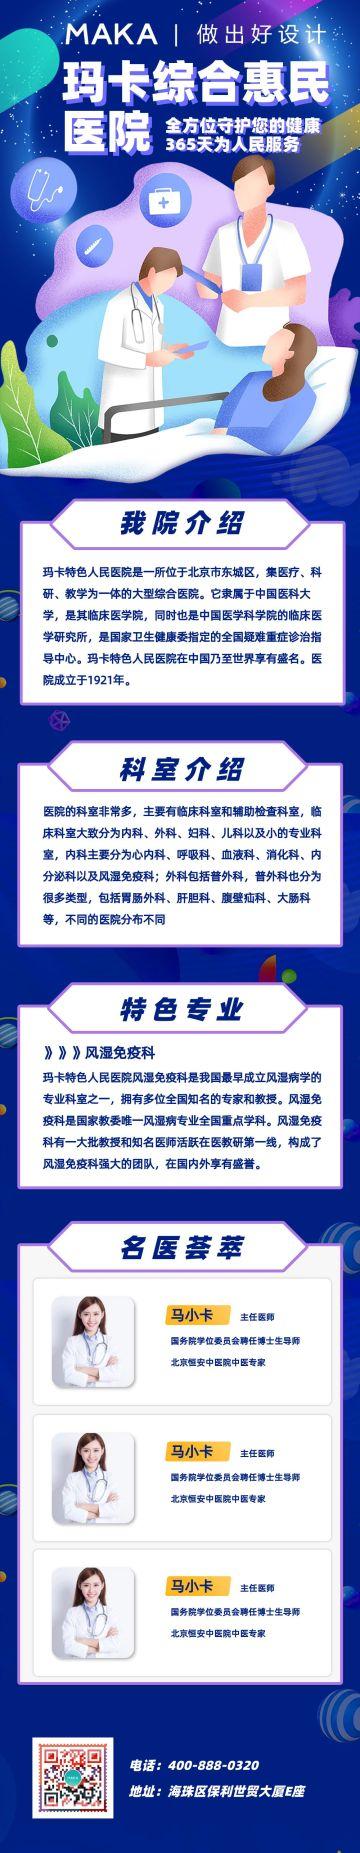 紫色扁平医院宣传推广文章长图